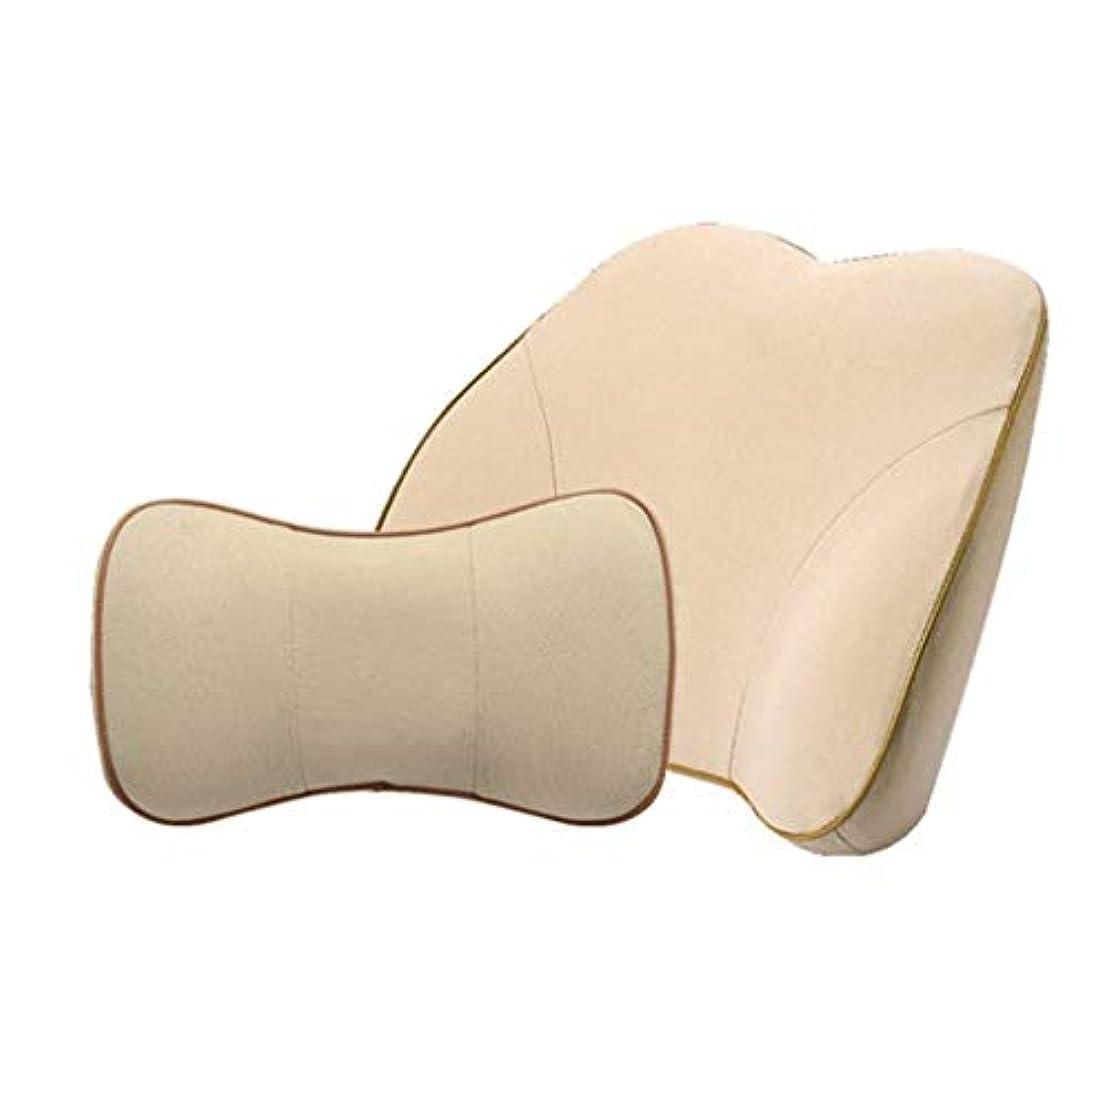 煩わしいハードウェア狂った腰椎枕と首の枕 - - メモリコットンネックウエストクッション、車のインテリア、人間工学に基づいたオフィスの椅子とトラベルバックピロー、腰と首の疲労と痛みを和らげ、予防する (Color : Beige)